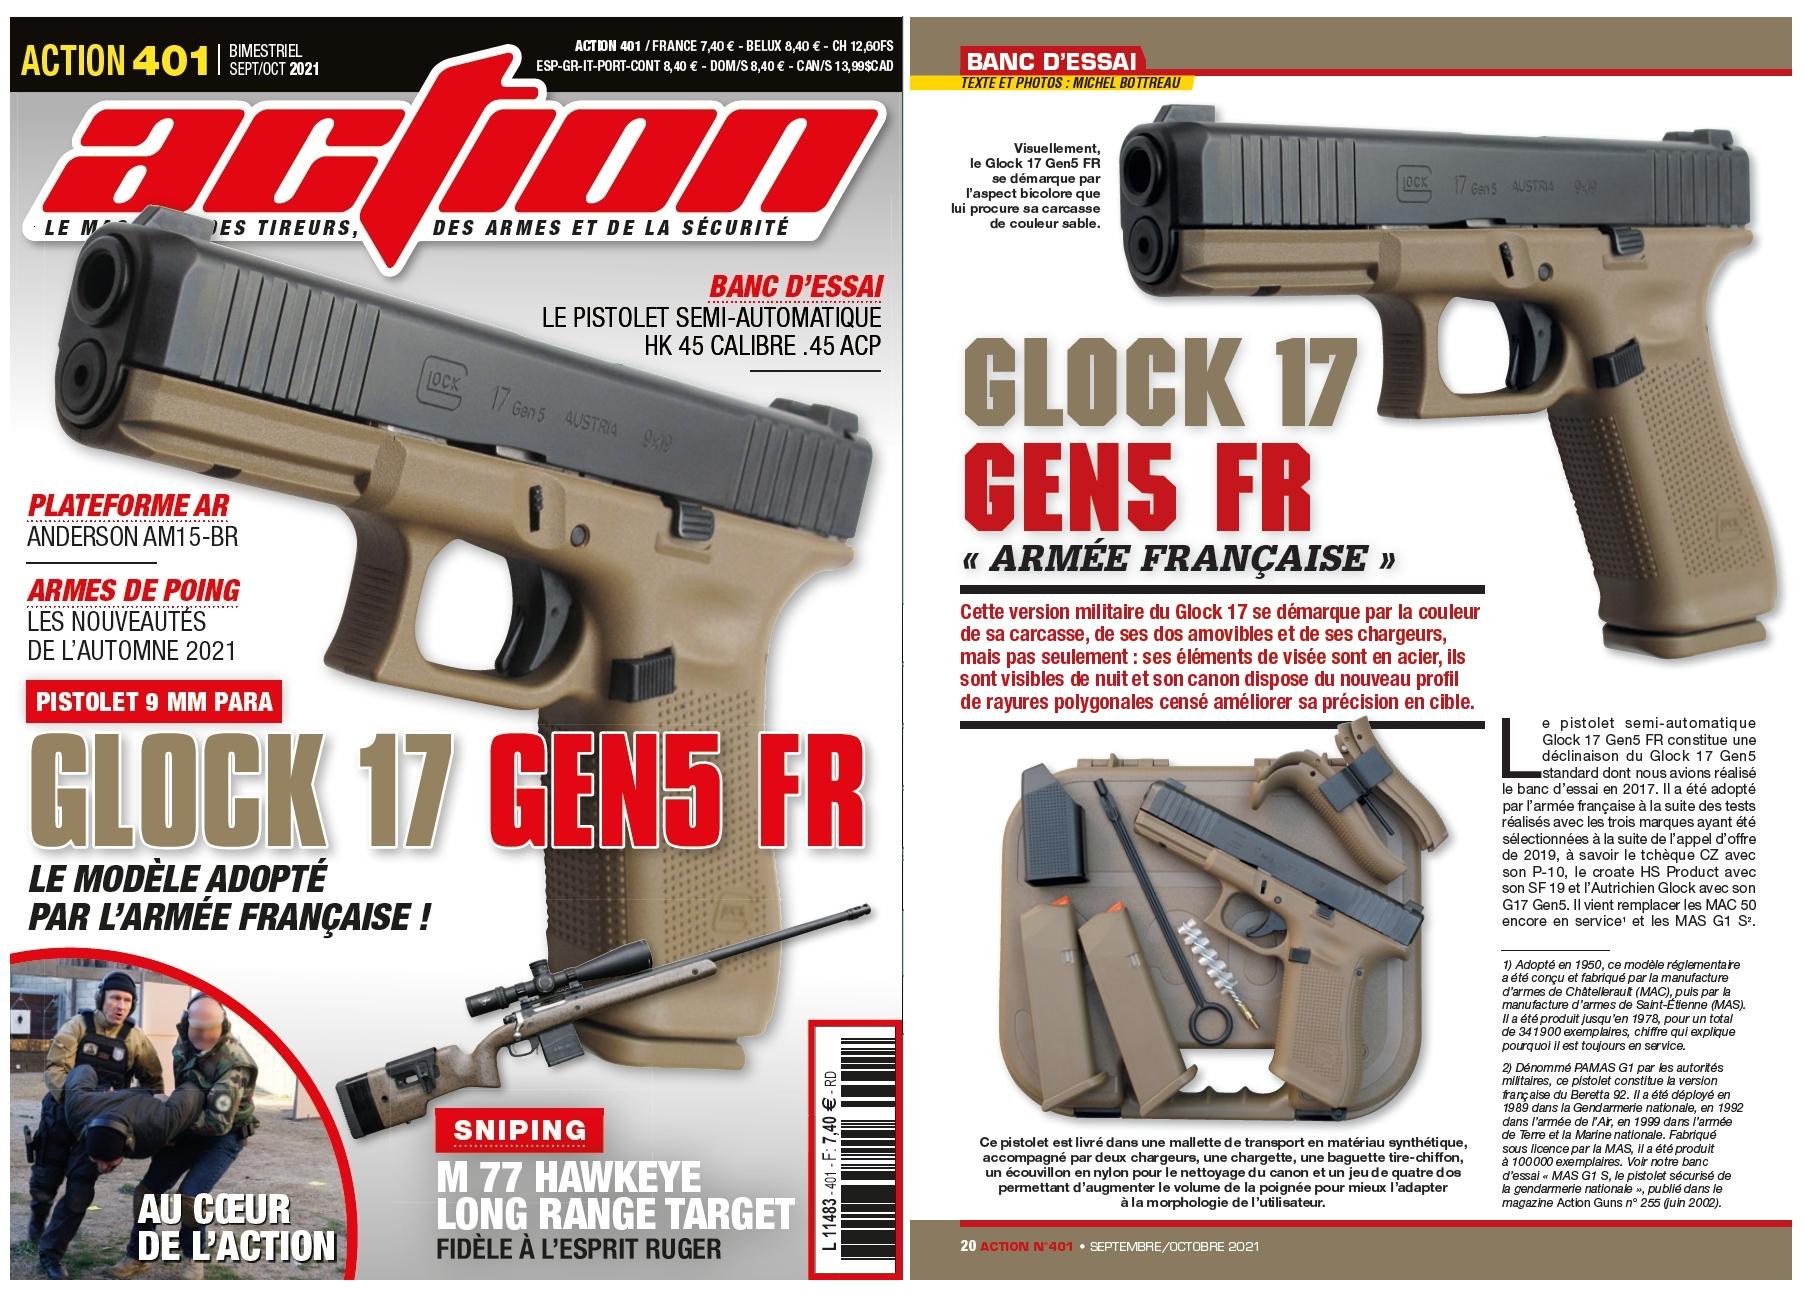 Le banc d'essai du pistolet Glock 17 Gen5 FR a été publié sur 6 pages dans le magazine Action n°401 (septembre/octobre 2021).